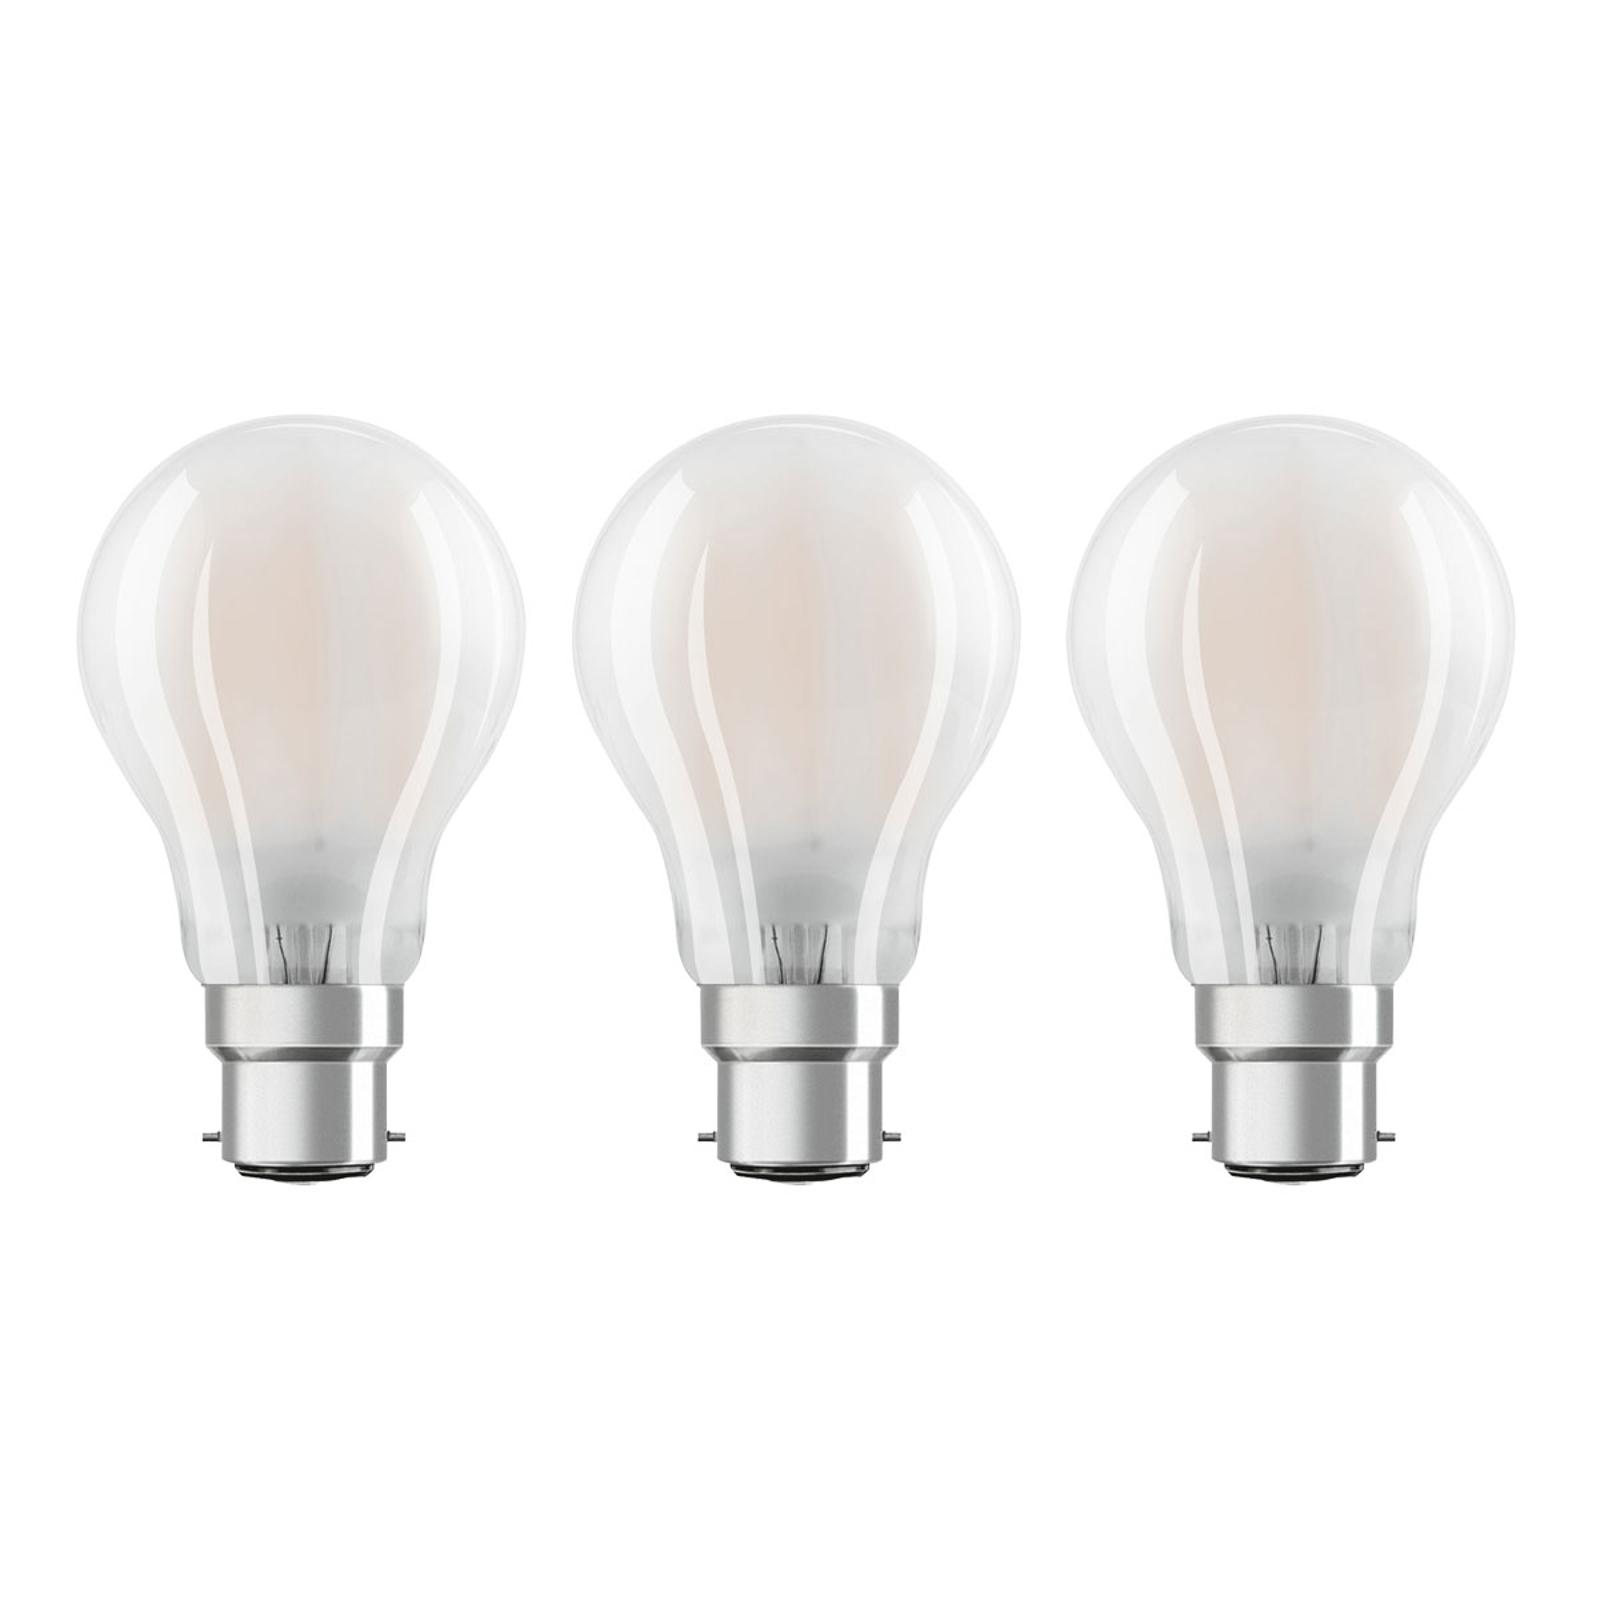 OSRAM-LED-lamppu B22d Classic 827 7W 3 kpl matta